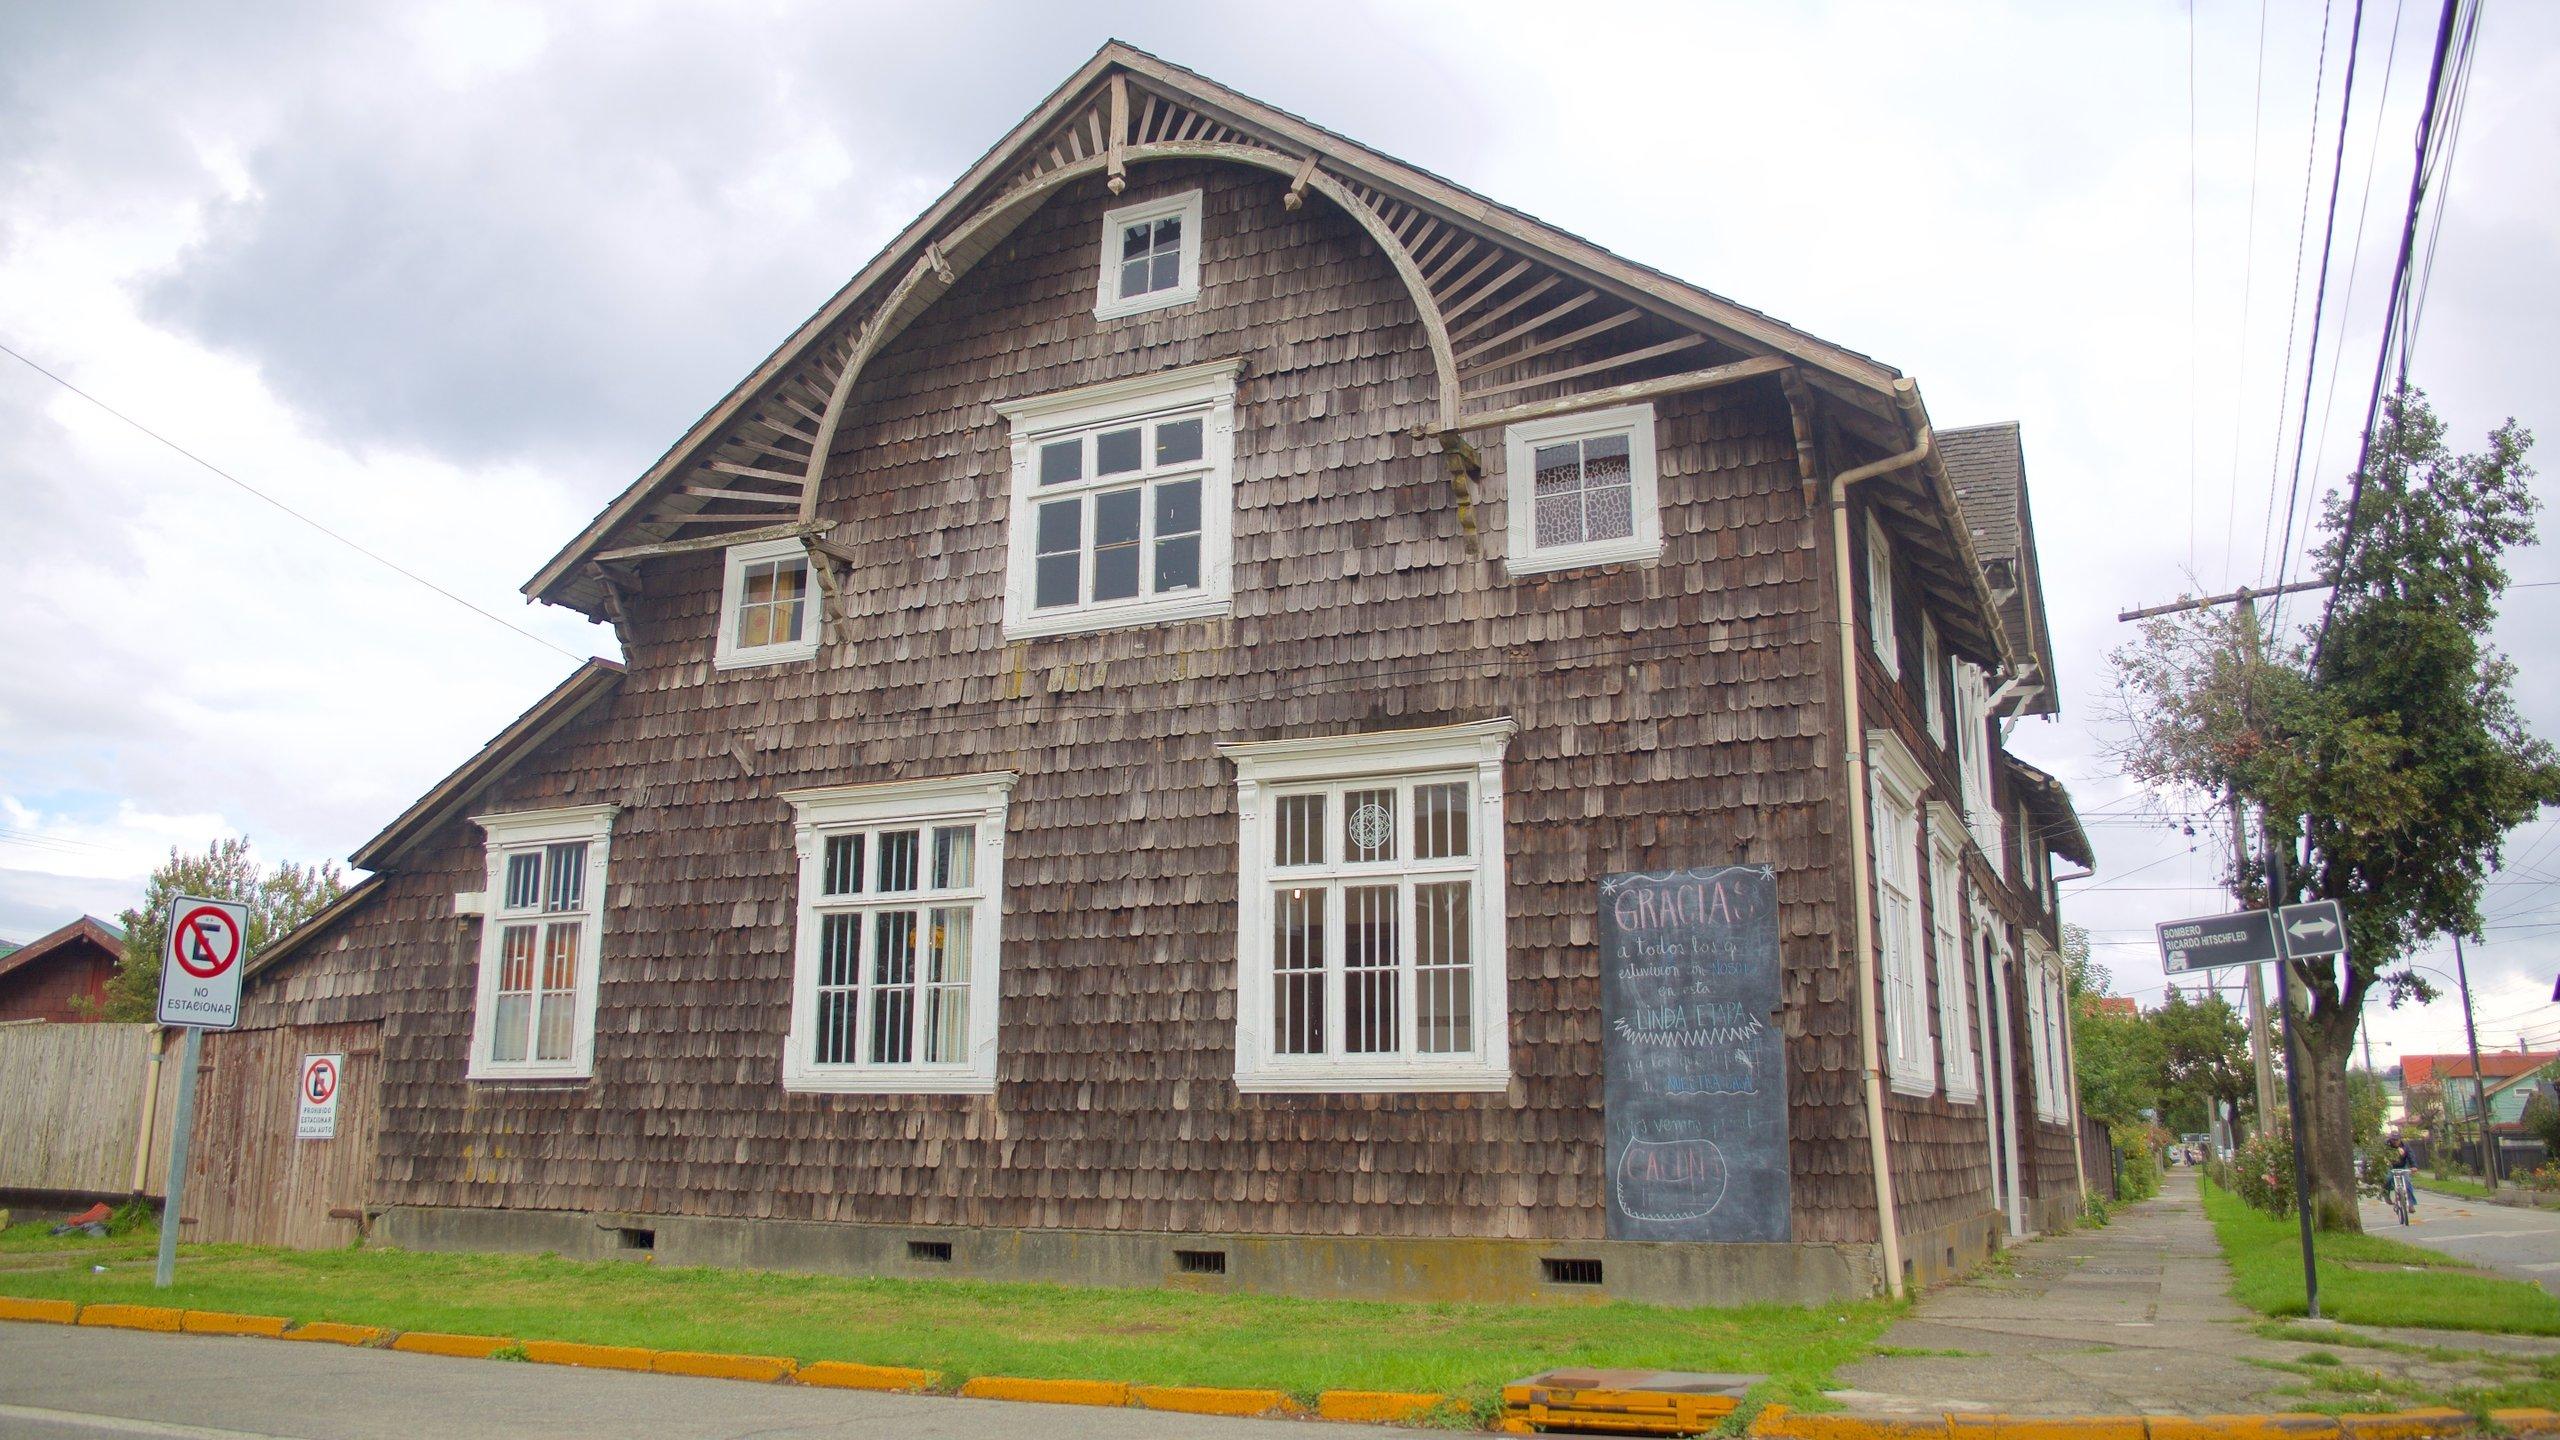 Puerto Montt, Los Lagos Region, Chile